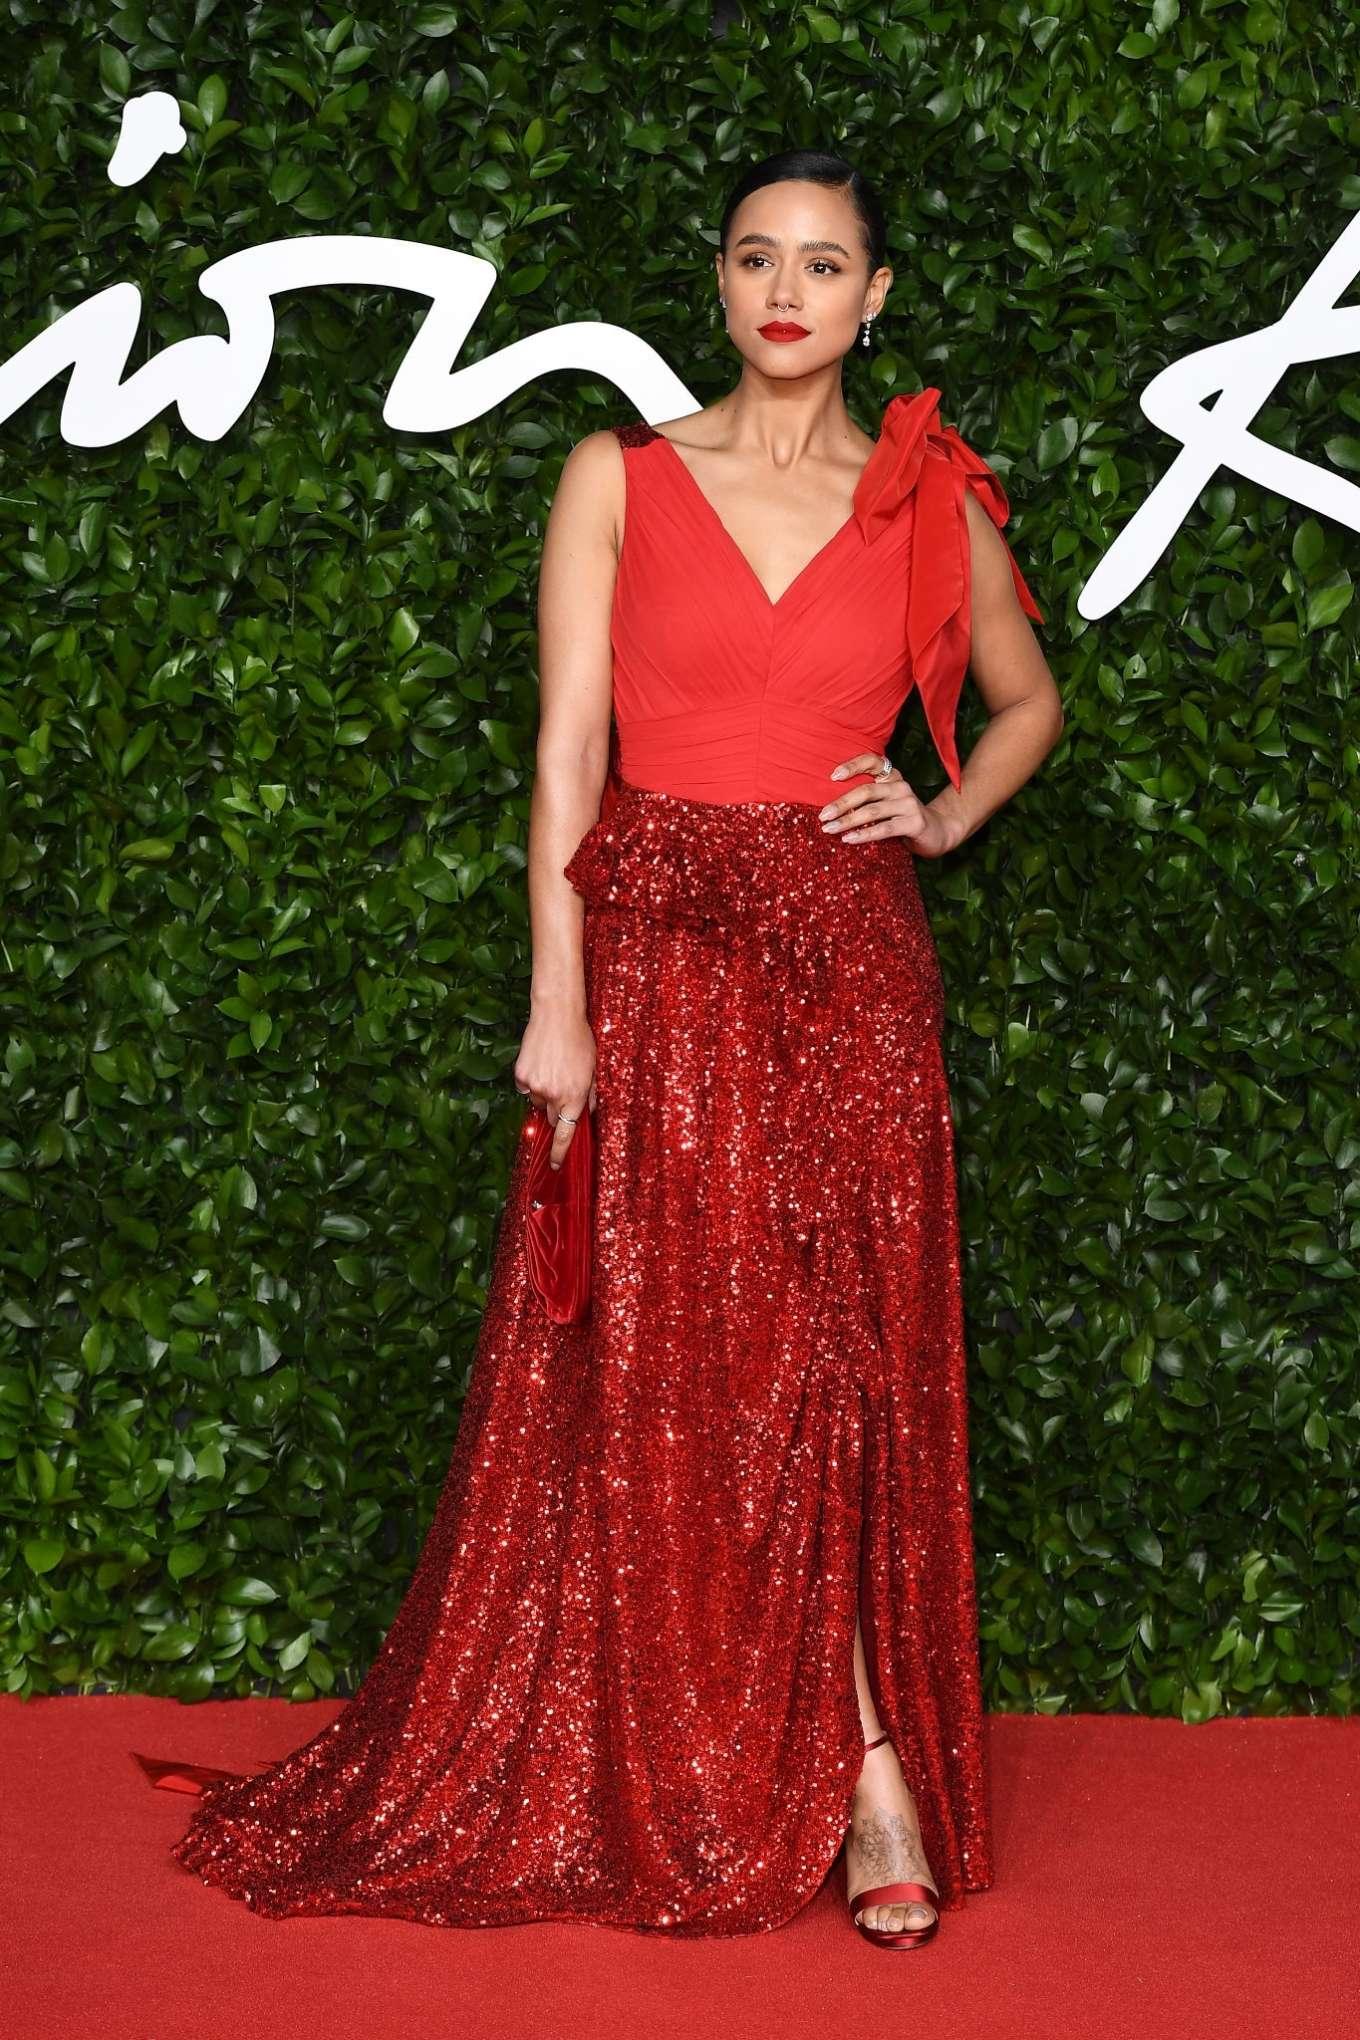 Nathalie Emmanuel 2019 : Nathalie Emmanuel – Fashion Awards 2019 in London-03